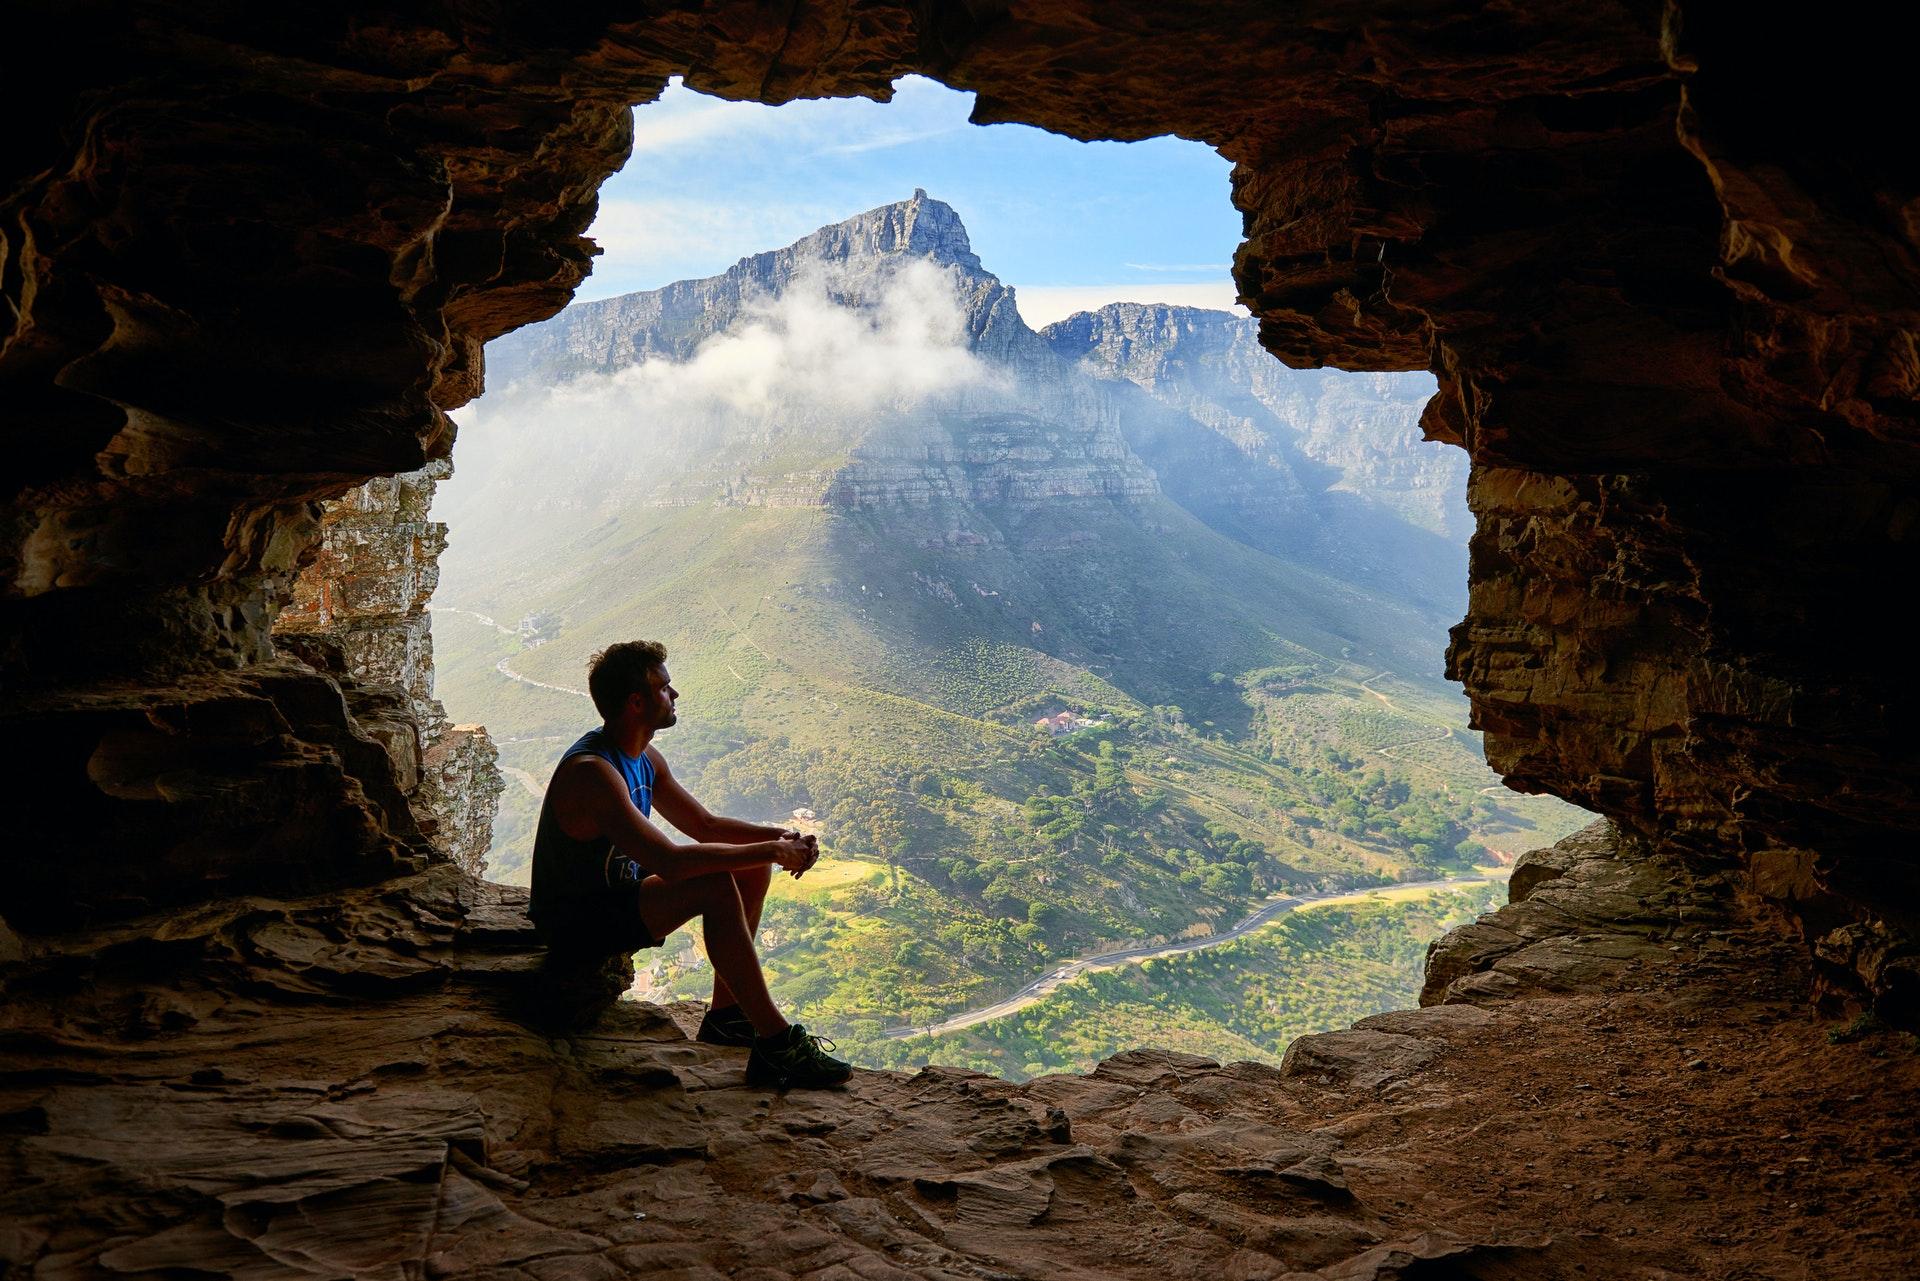 homme dans une caverne